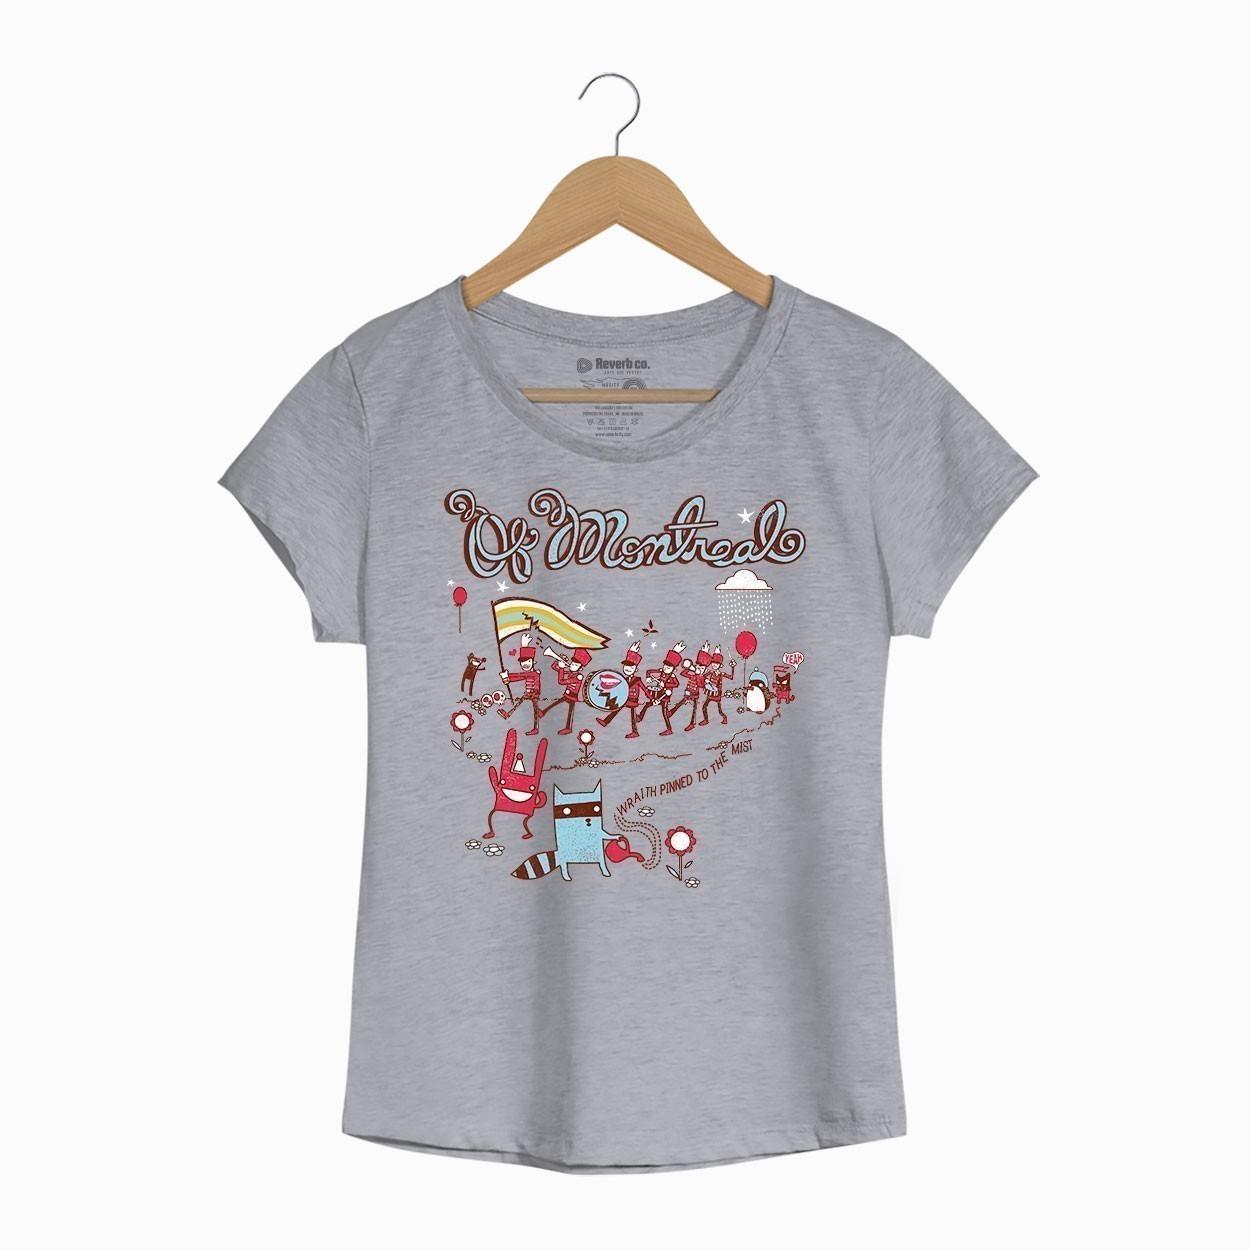 Camiseta Of Montreal - Feminino